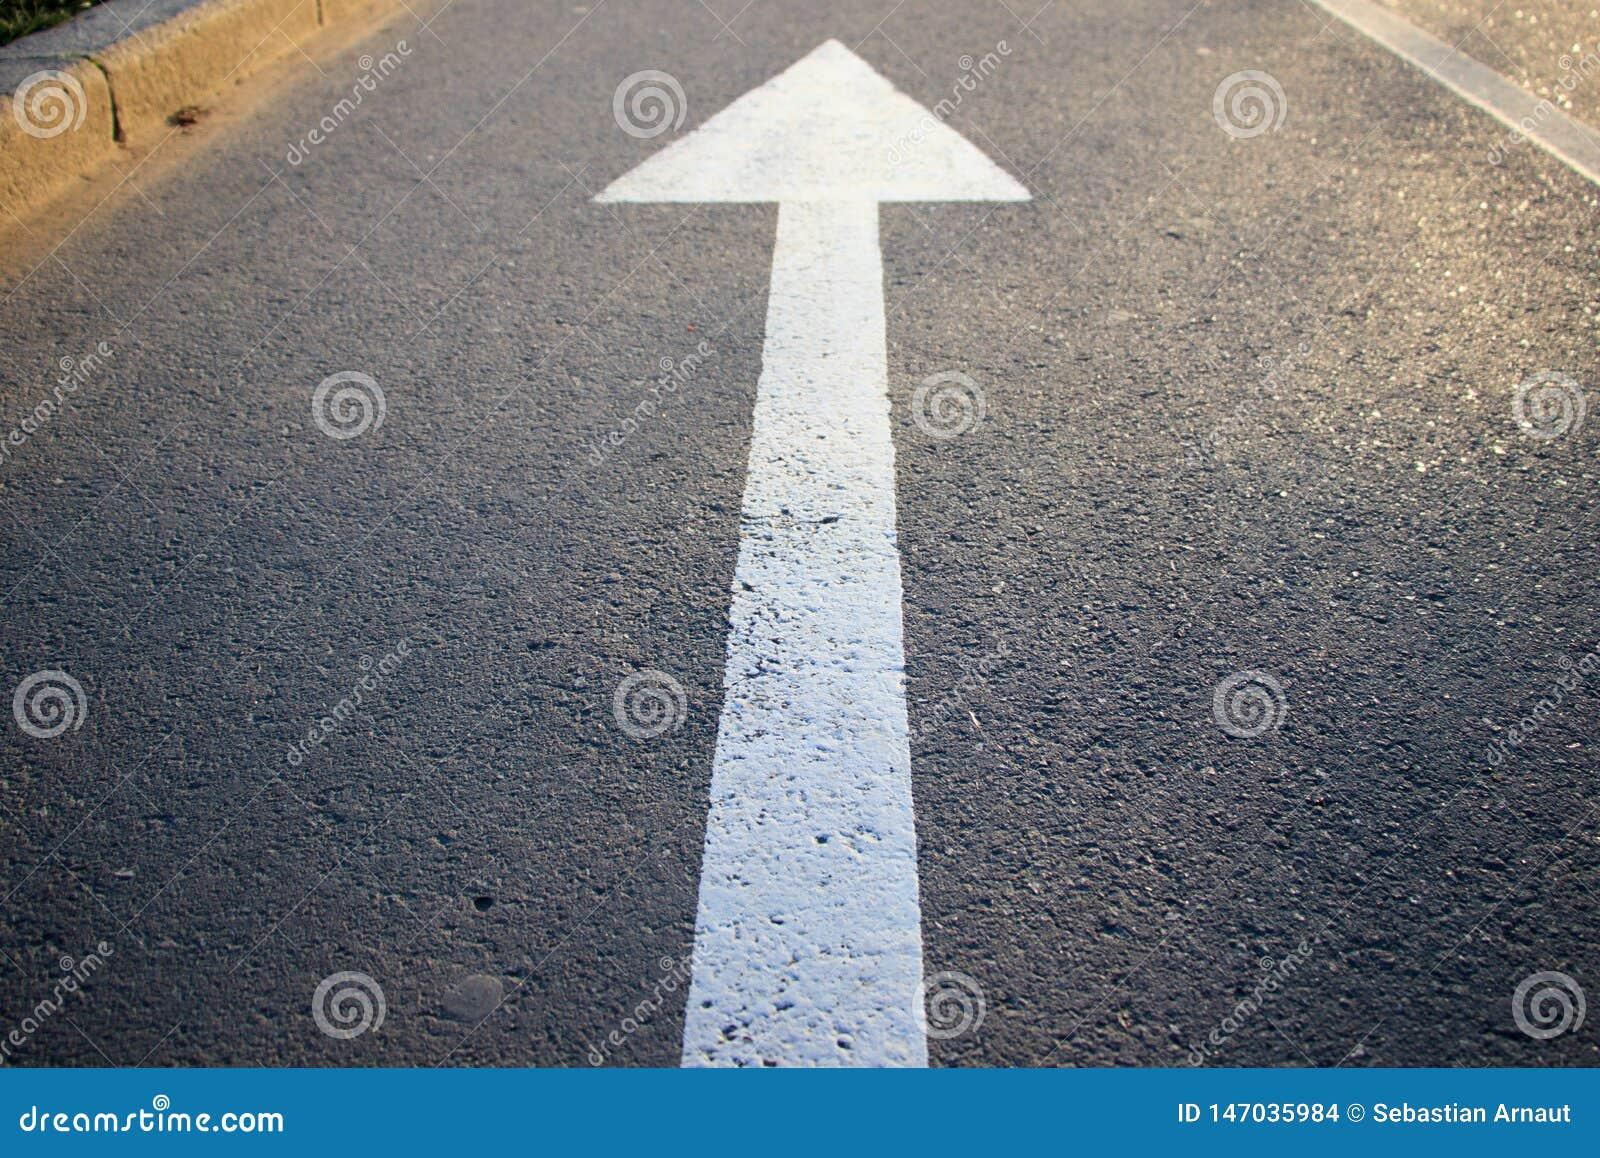 Белая стрелка показывая направление